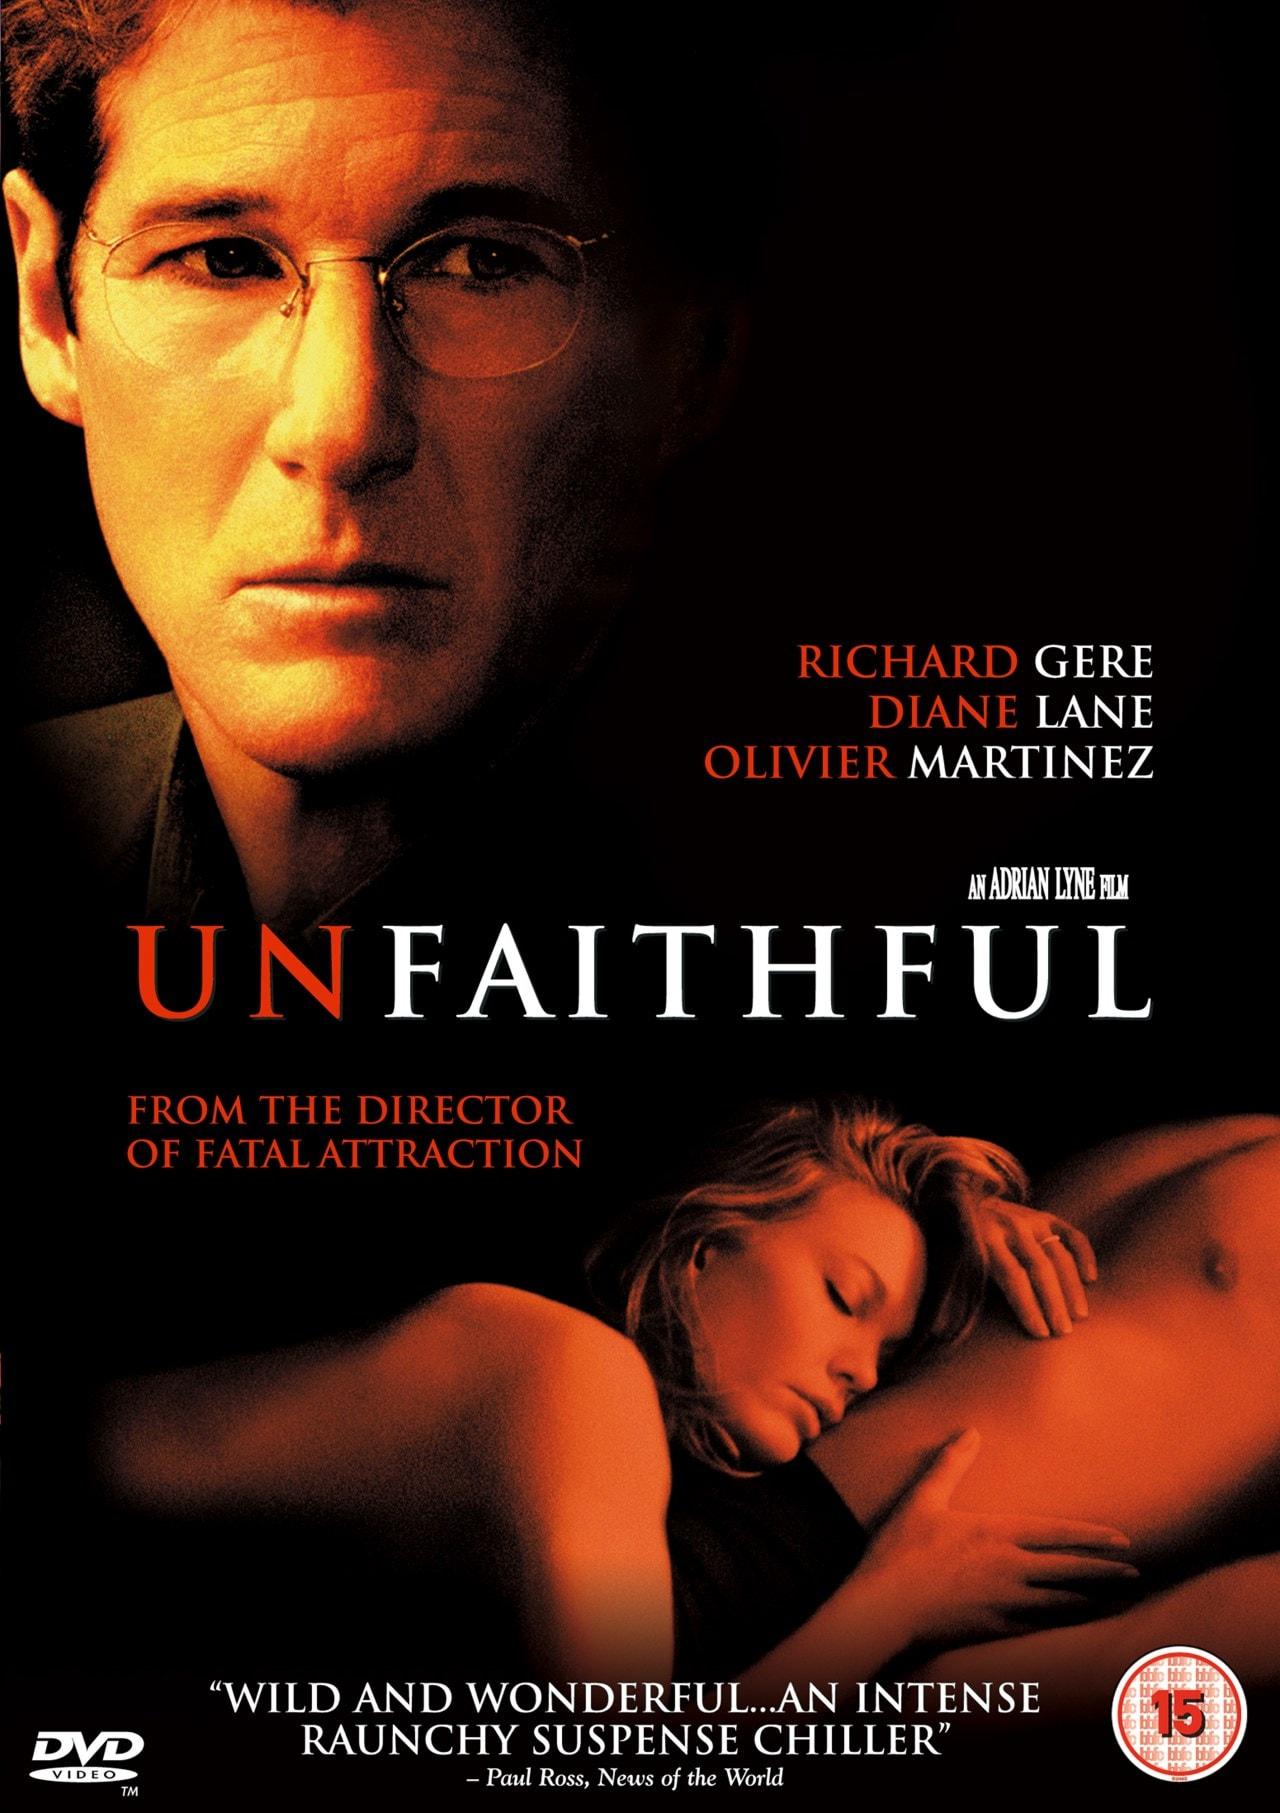 Unfaithful - 1